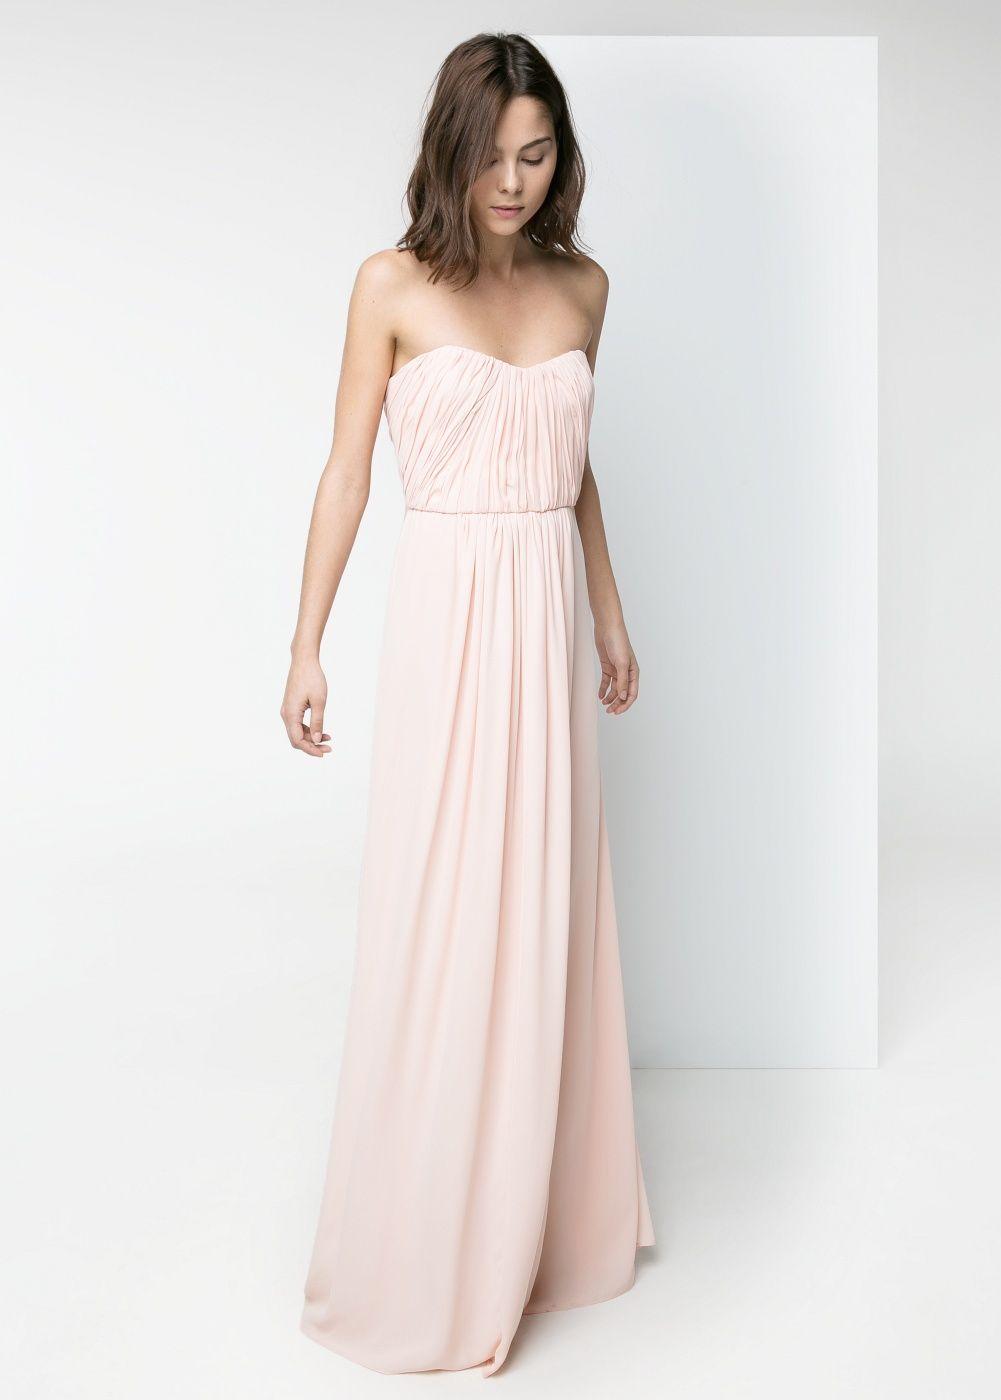 c3062c6d80cd5 Robe longue drapée - Femme   wishlist   Pinterest   Dresses, Gowns ...